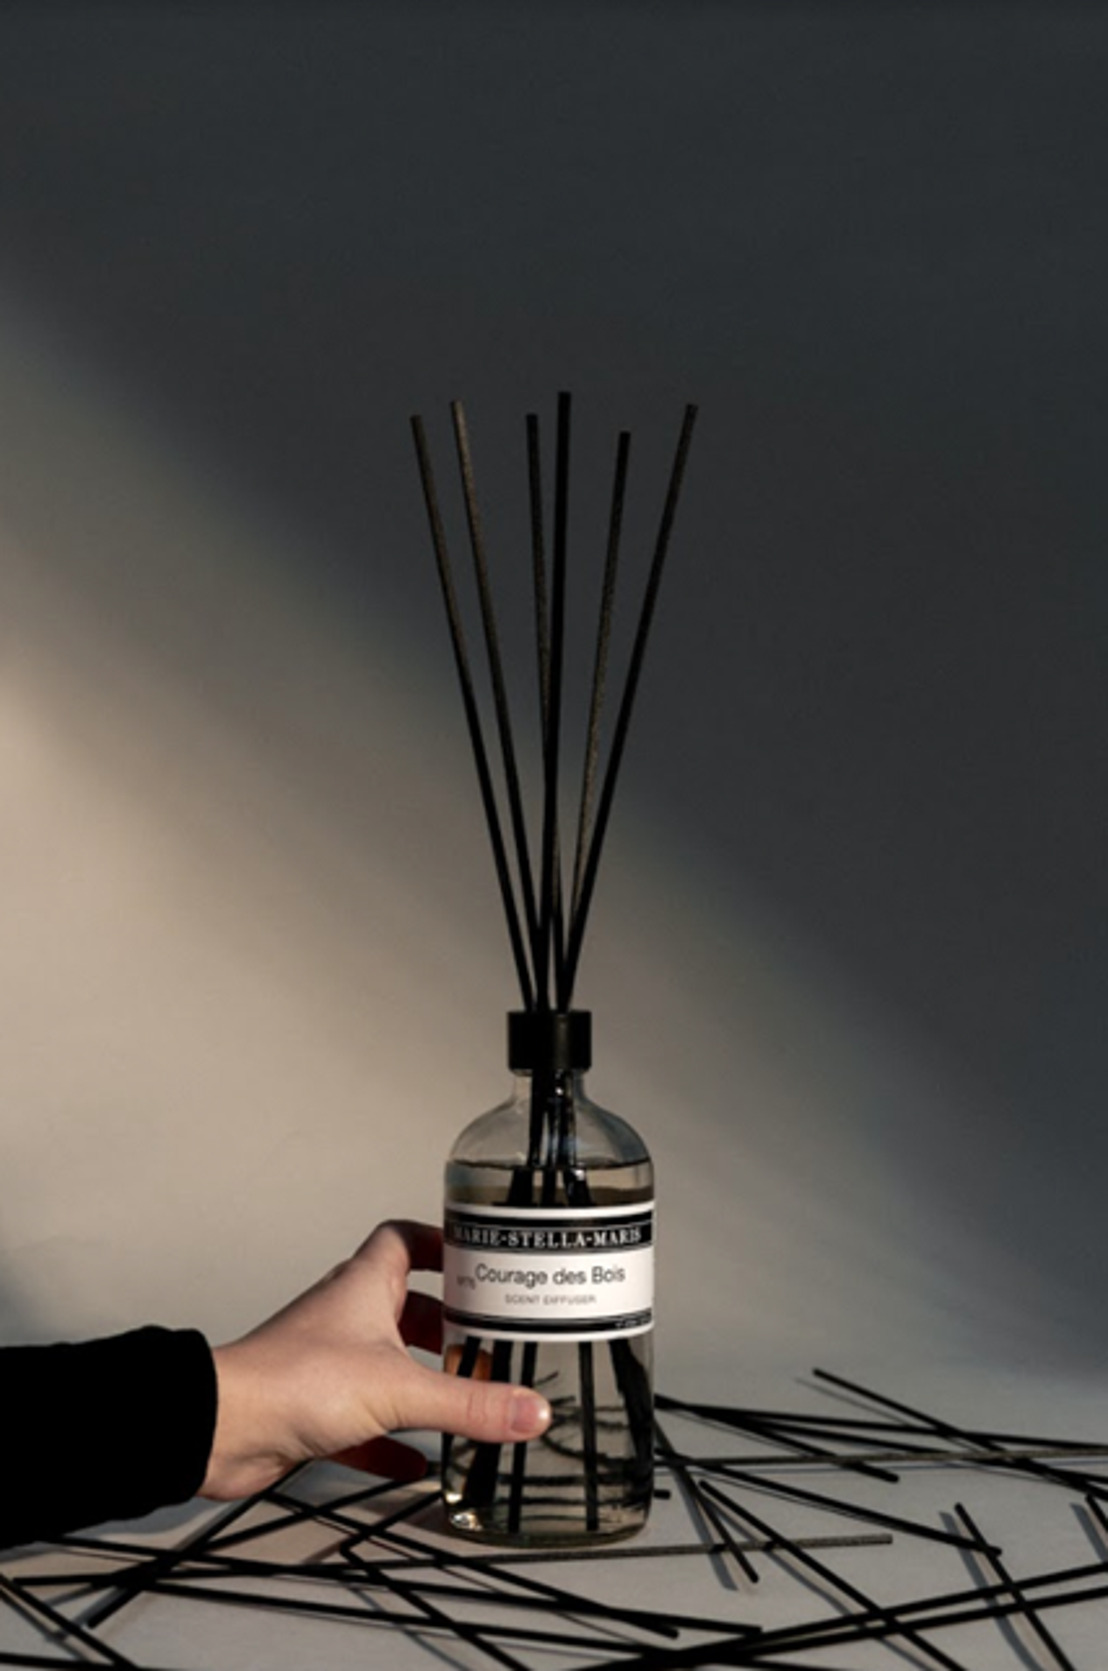 Marie-Stella-Maris lance un nouveau format de diffuseur de parfum